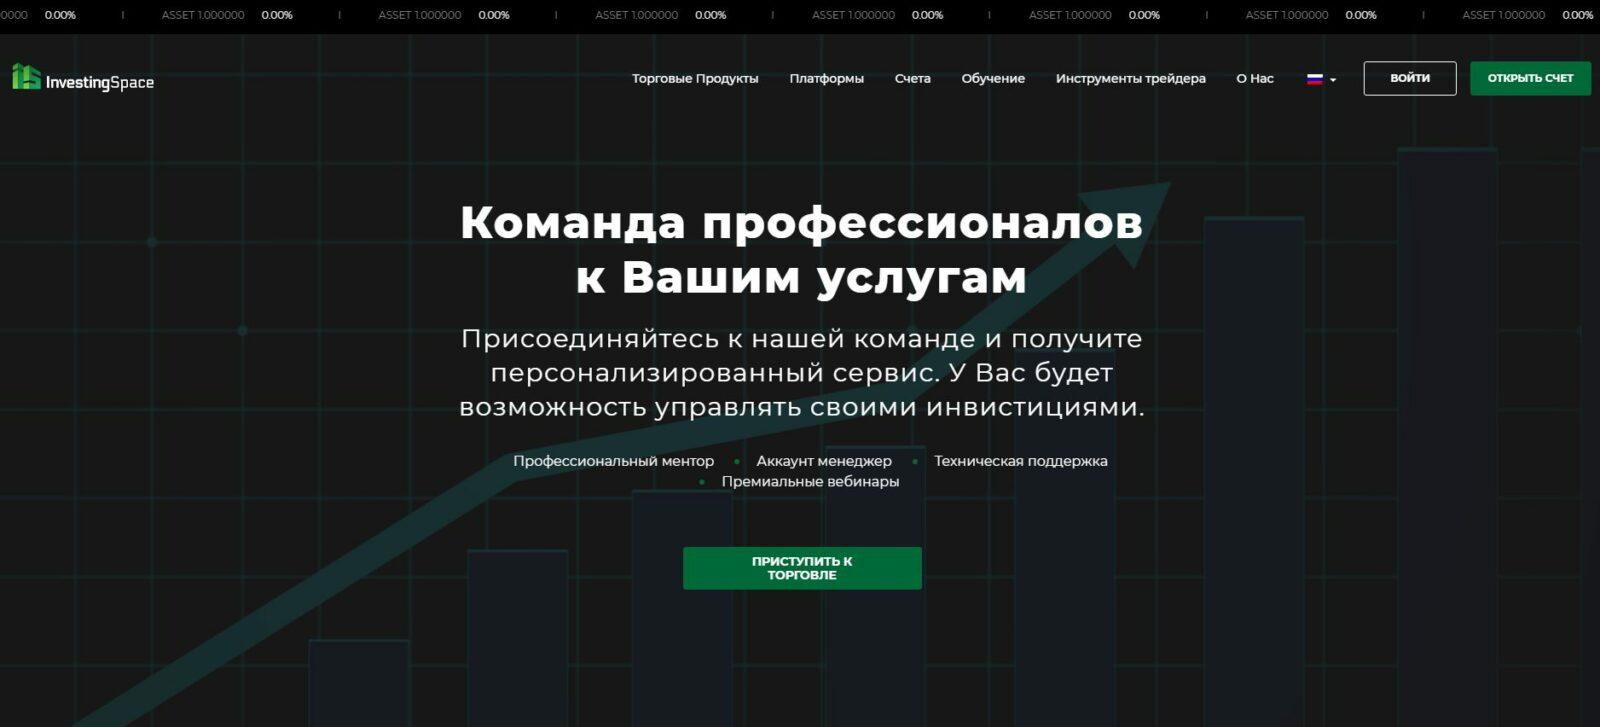 Сайт брокера Investing Space